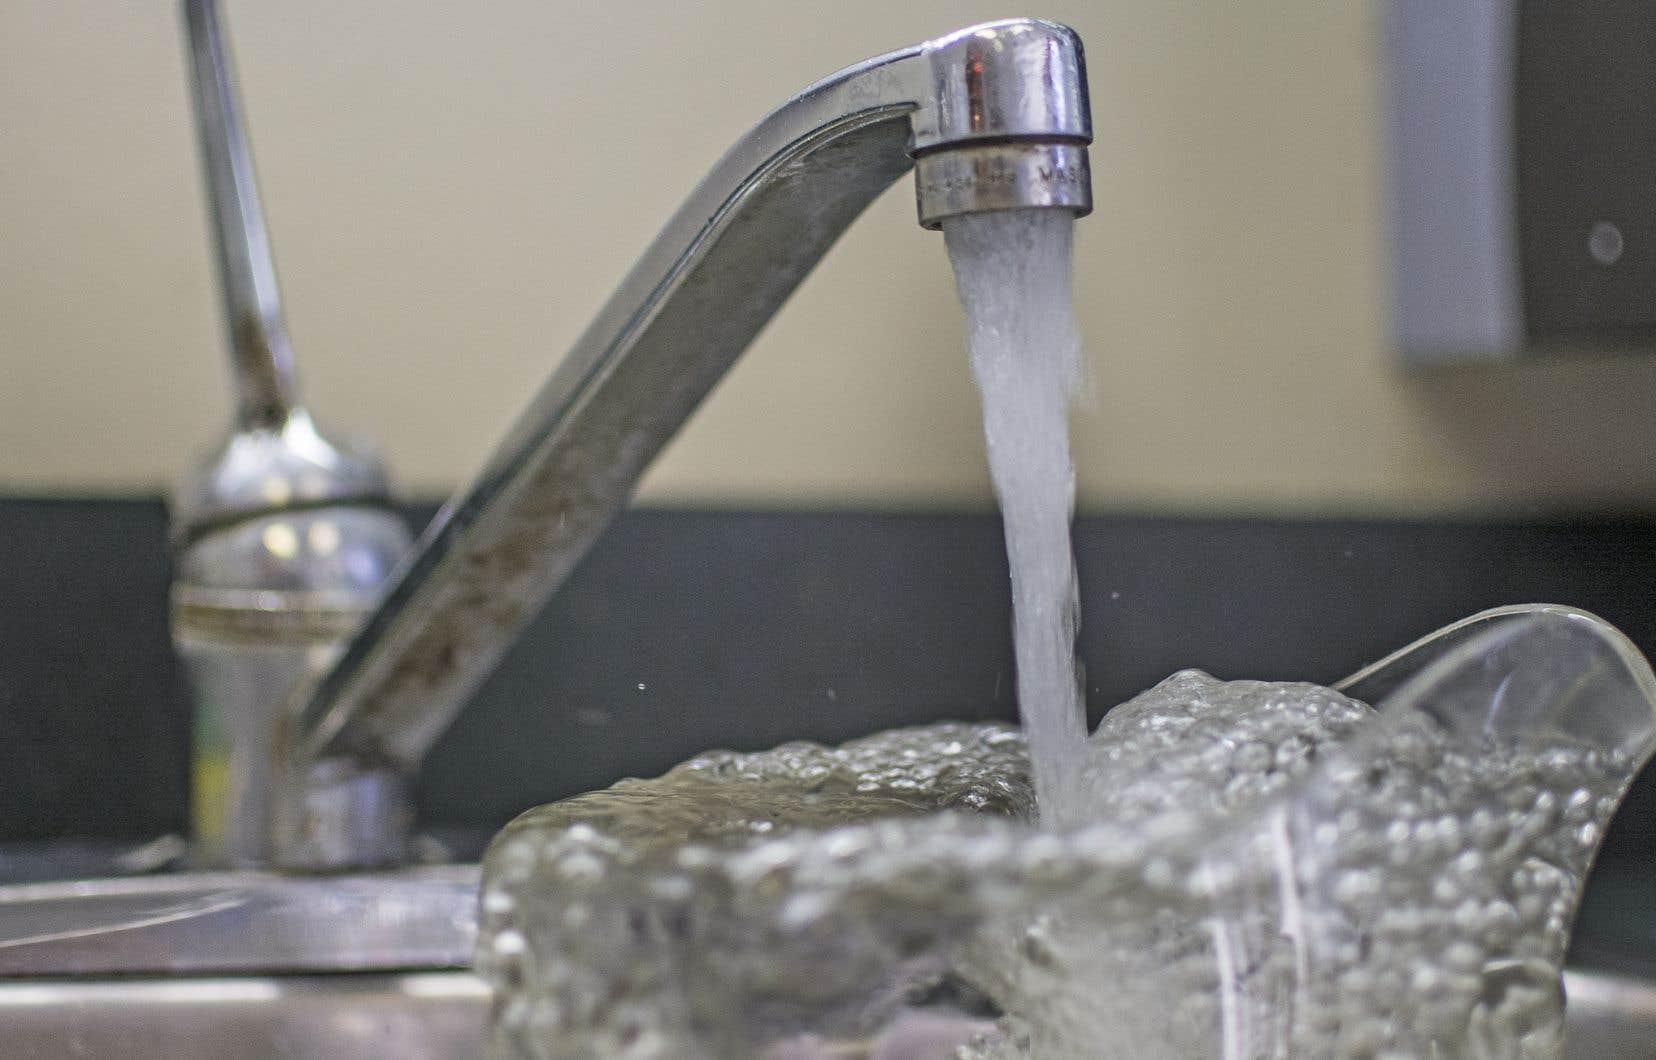 <p>Les usines de Dorval et de Lachinesont désuètes et l'eau qu'elles fournissent a un arrière-goût.</p>